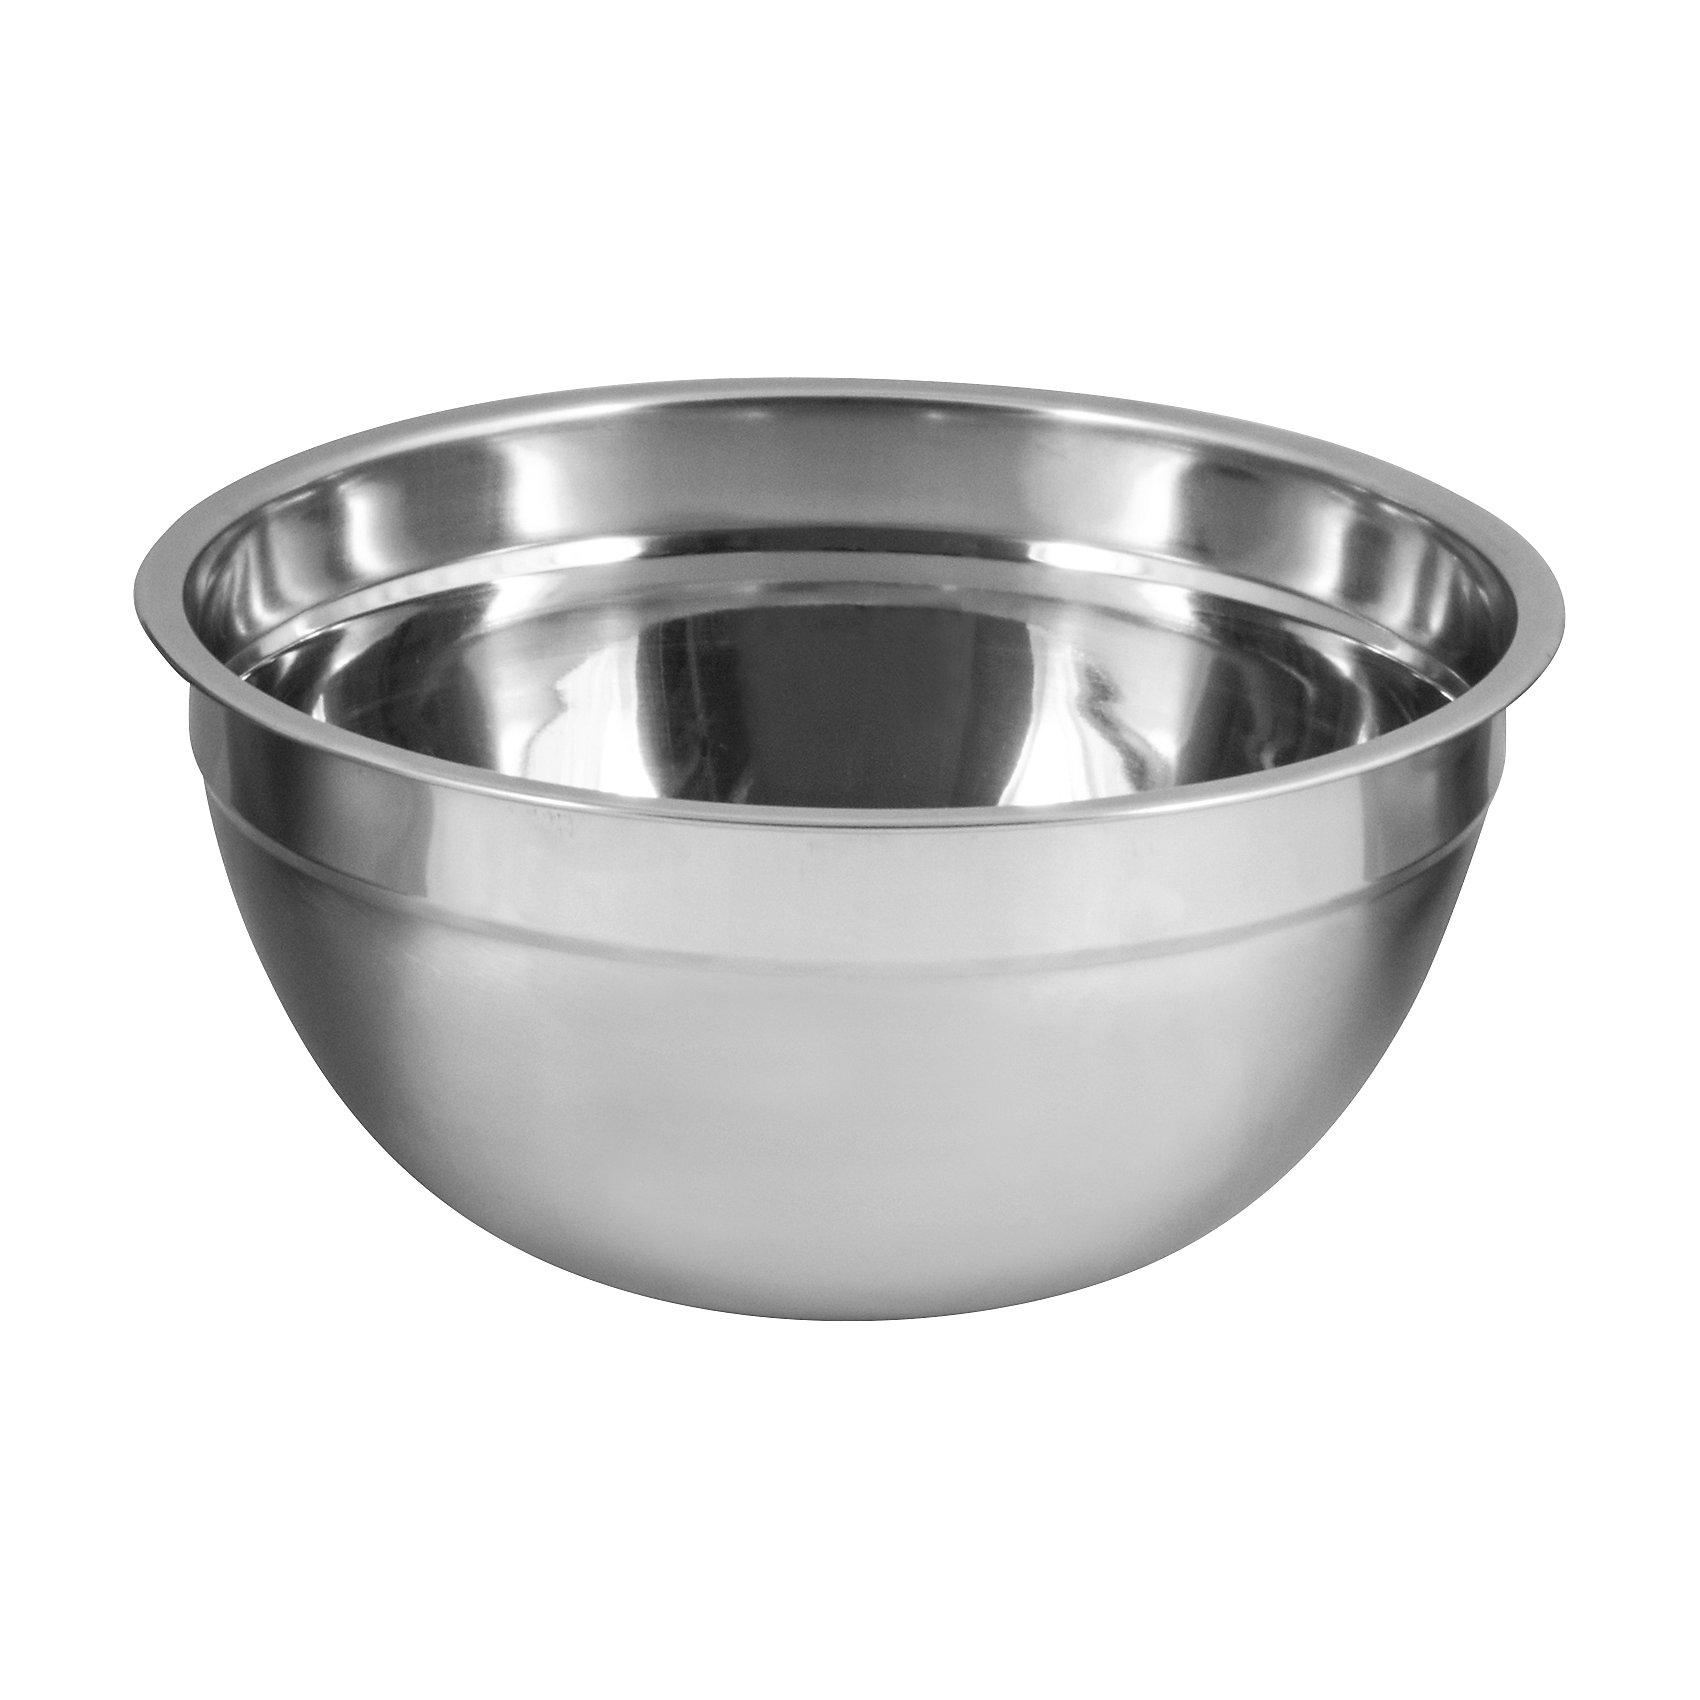 Миска BOWL-RING-22, 22*10 см, 2,5 л, MallonyБытовая техника для кухни<br>Миска BOWL-RING-22, 22*10 см, 2,5 л, Mallony (Маллони)<br><br>Характеристики:<br><br>• зеркальная полировка<br>• одинарное дно<br>• расширенные края<br>• нержавеющая сталь<br>• размер: 22х10 см<br>• объем: 2,5 л<br><br>Миска BOWL-RING-22 пригодится вам на кухне. Она изготовлена из нержавеющей стали, имеет зеркальную полировку и одинарное дно. С помощью расширенных краев вы сможете удобно поднять или перенести миску. Диаметр миски - 23 сантиметра. Объем - 2,5 литра.<br><br>Миску BOWL-RING-22, 22*10 см, 2,5 л, Mallony (Маллони) можно купить в нашем интернет-магазине.<br><br>Ширина мм: 230<br>Глубина мм: 220<br>Высота мм: 100<br>Вес г: 227<br>Возраст от месяцев: 12<br>Возраст до месяцев: 36<br>Пол: Унисекс<br>Возраст: Детский<br>SKU: 5454066